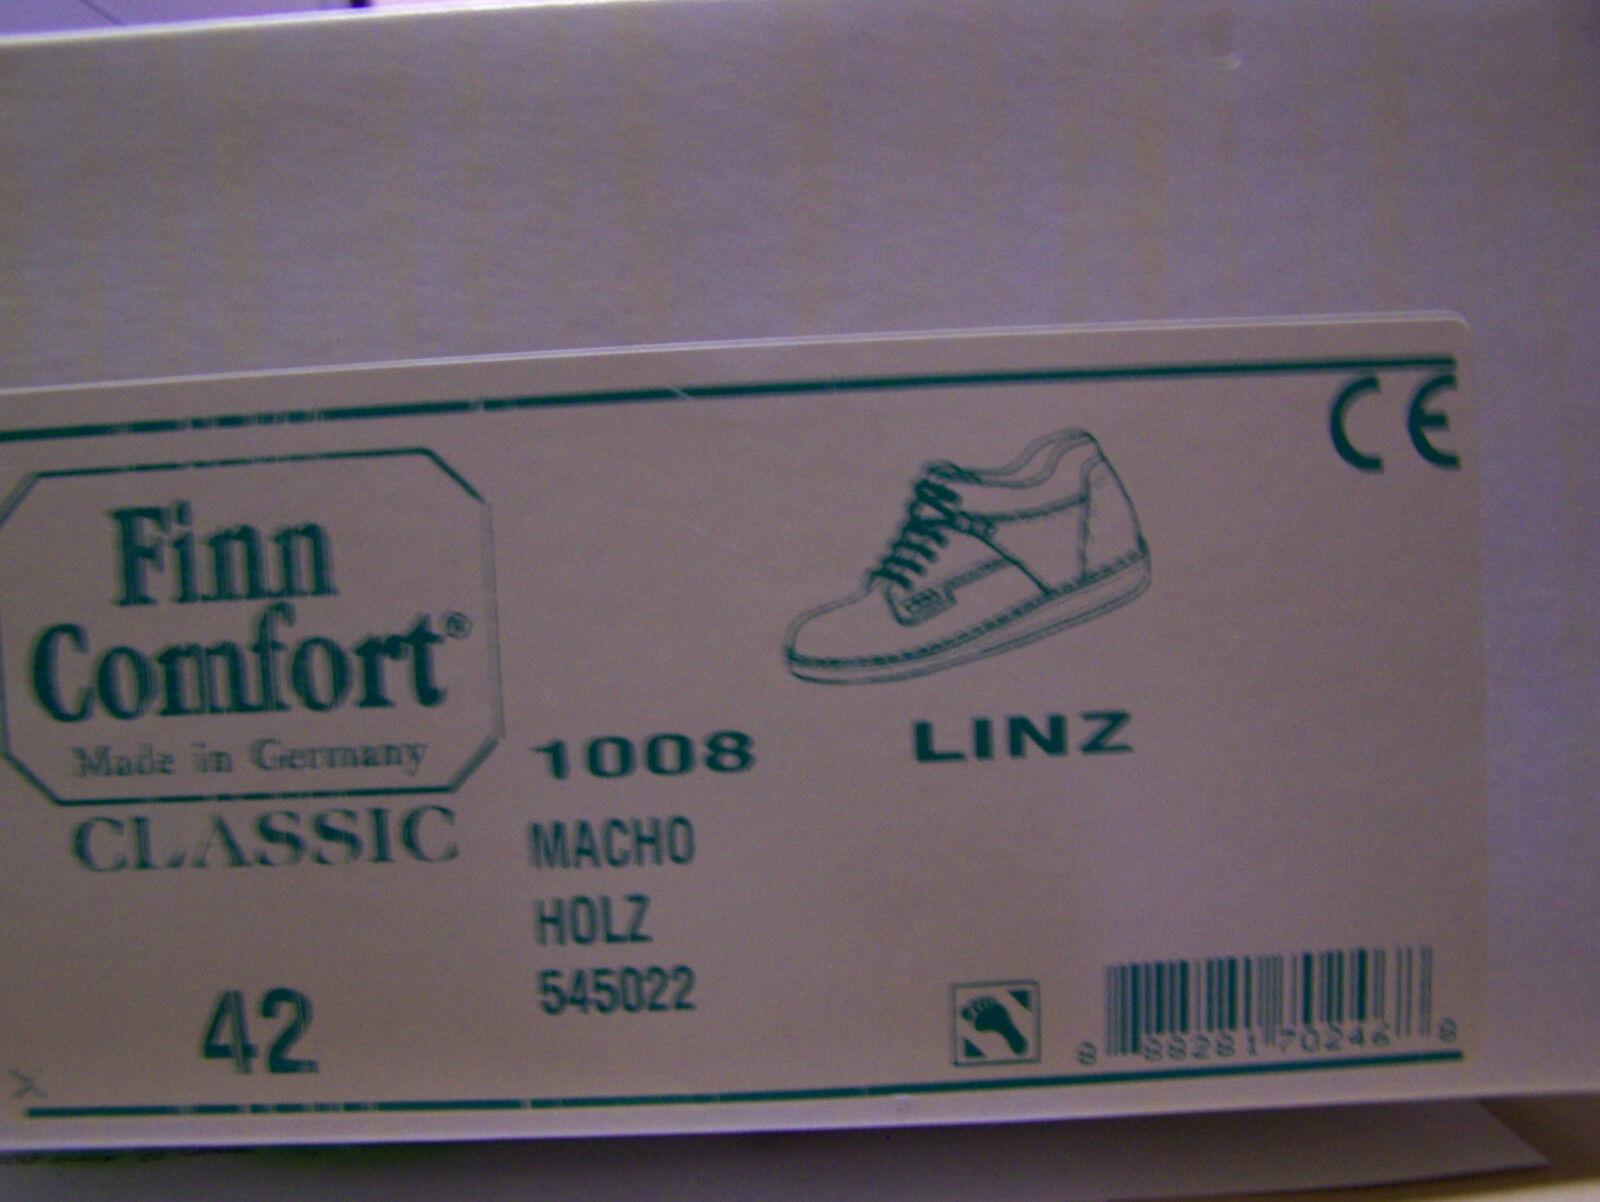 Finn Comfort Schuhe Lederfutter Modell Linz Holz braun braun braun genarbt & Schuhbeutel dbca37